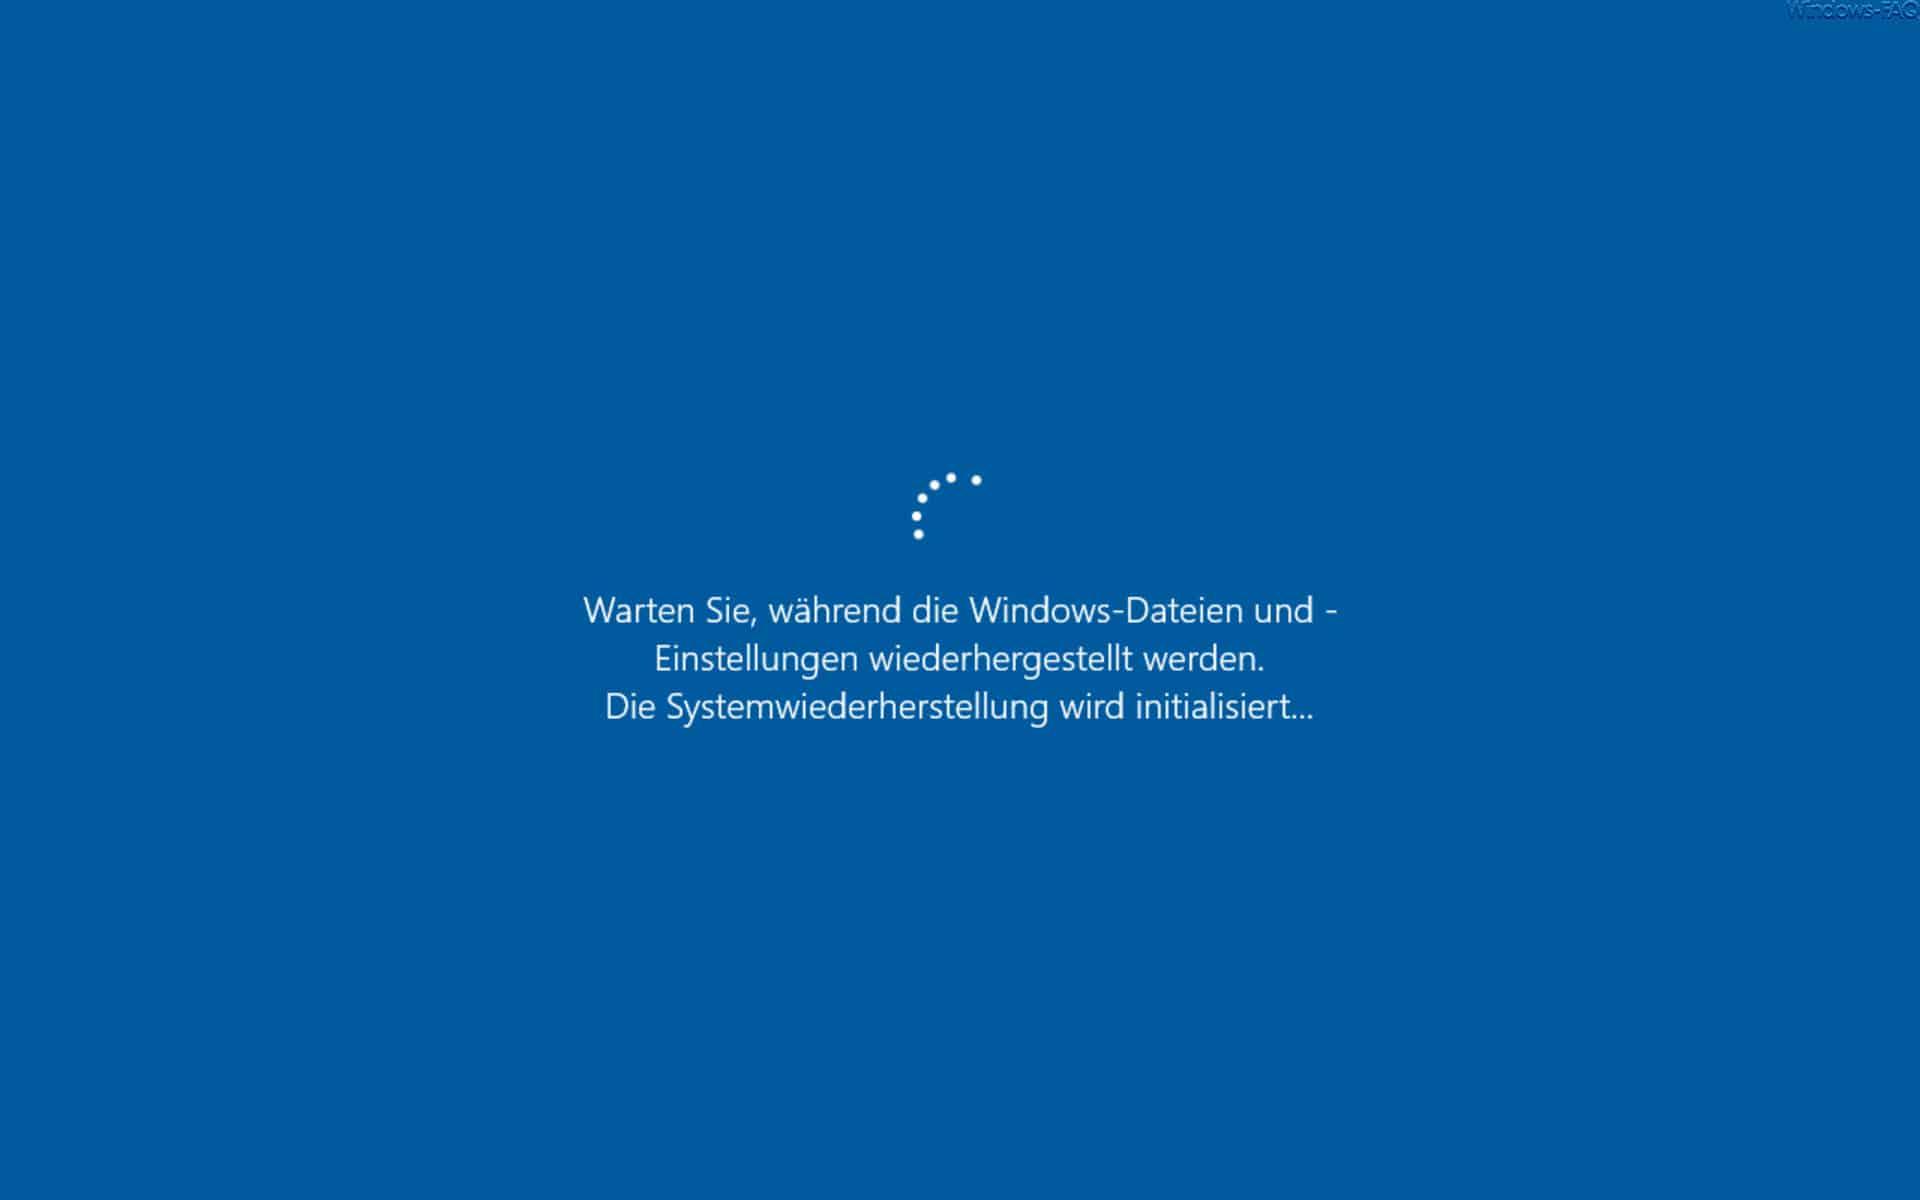 Warten Sie, während die Windows-Dateien und -Einstellungen wiederhergestellt werden.